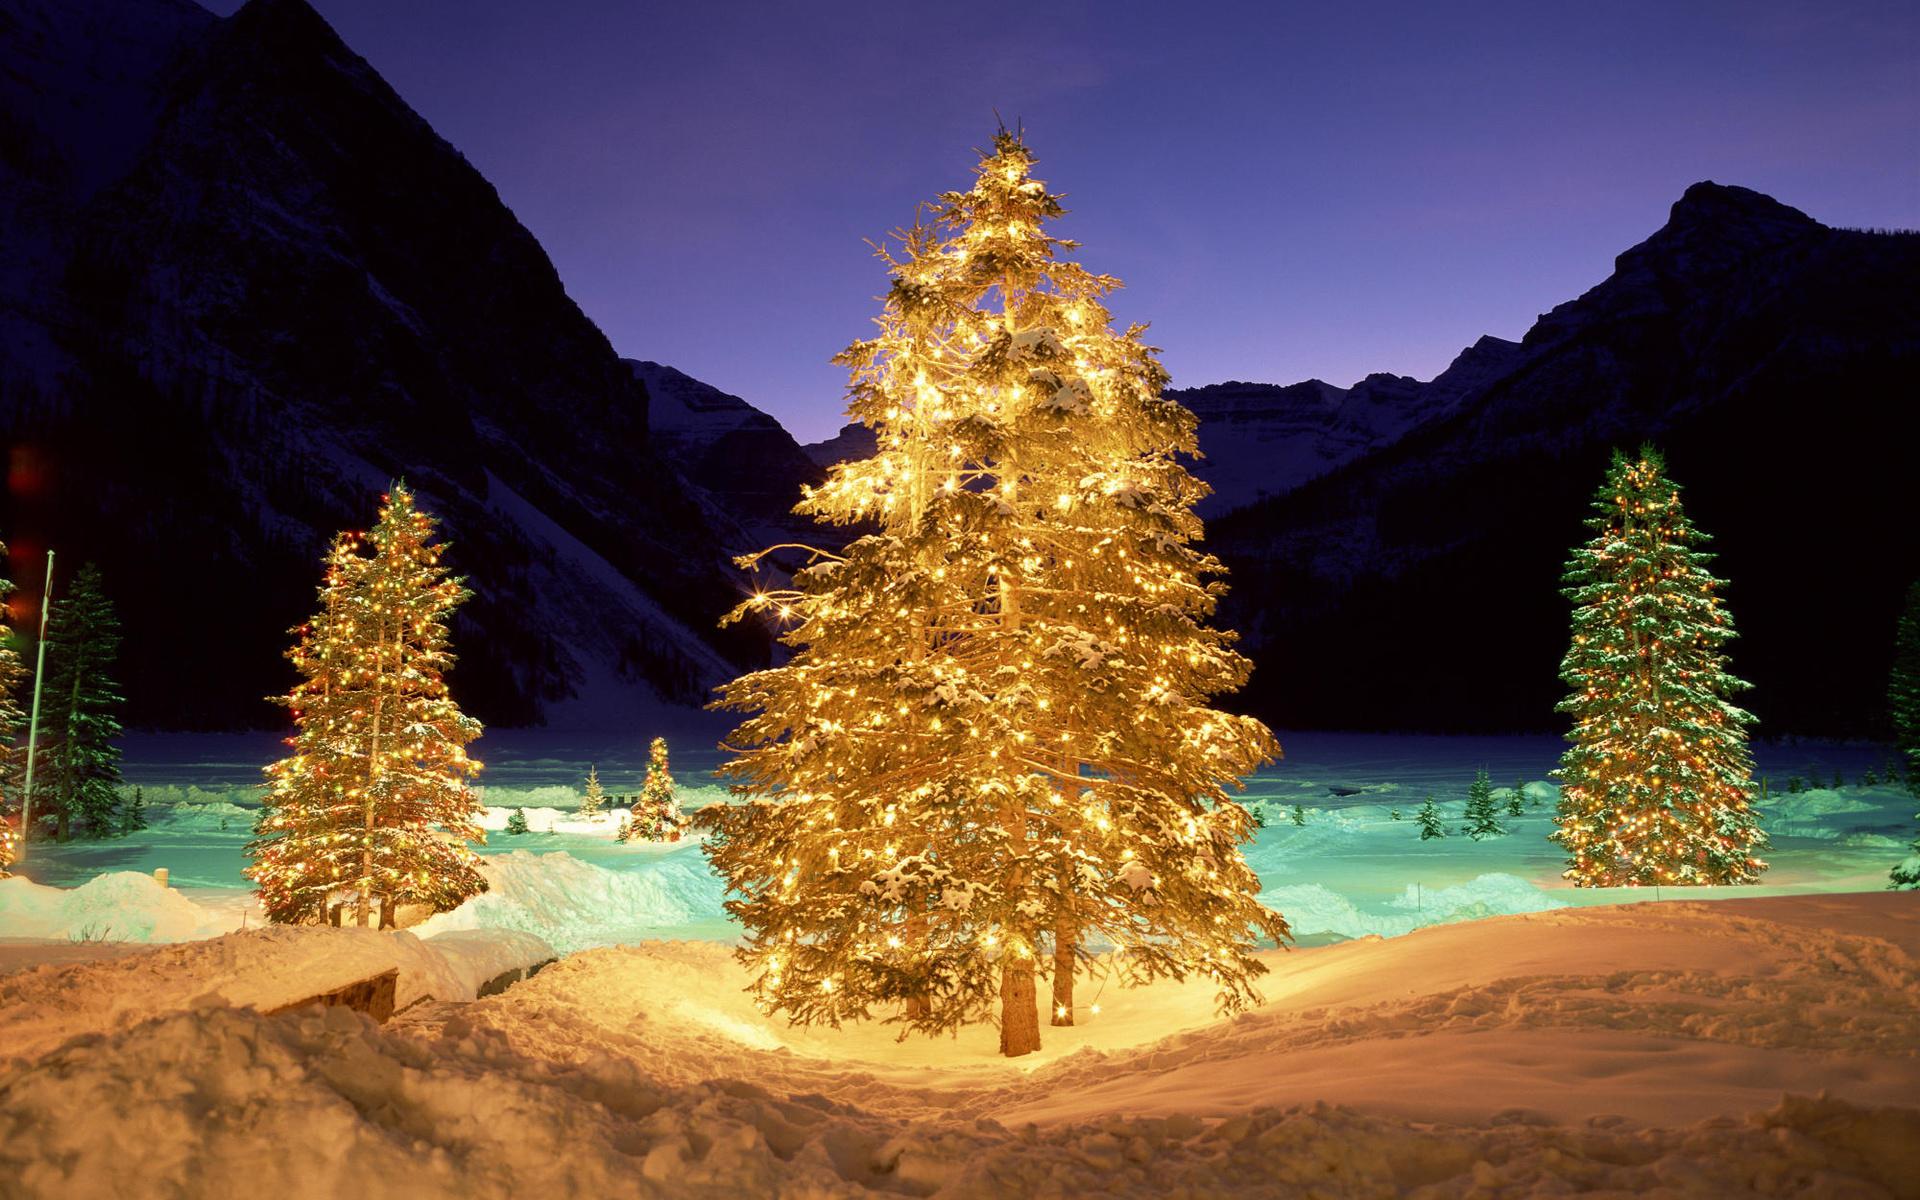 духи картинки зима на рабочий стол хорошее качество новый год сделать фото веб